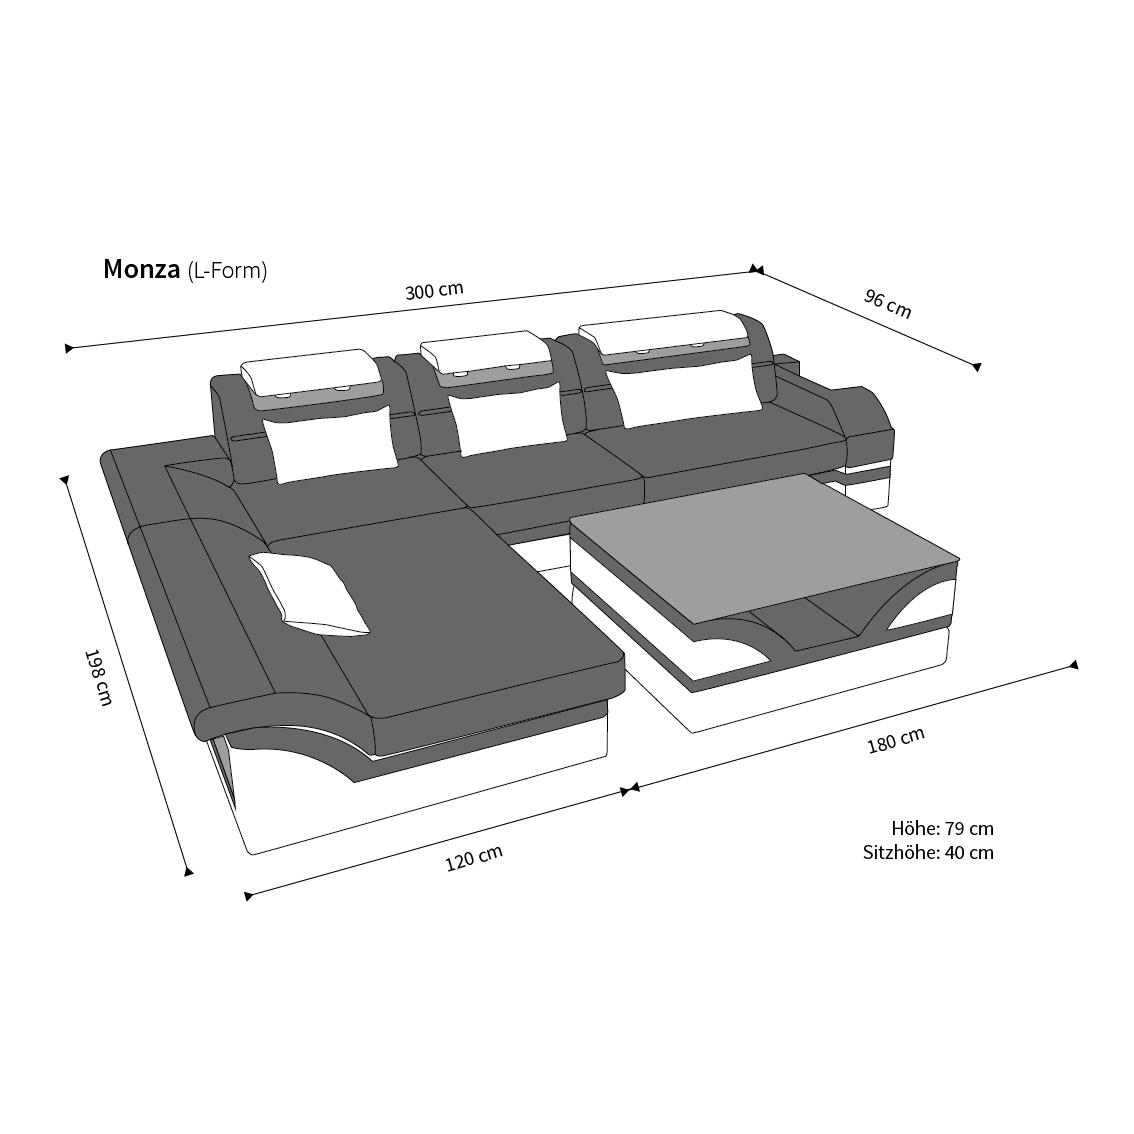 designer ledersofa monza l form kaufen bei pmr. Black Bedroom Furniture Sets. Home Design Ideas